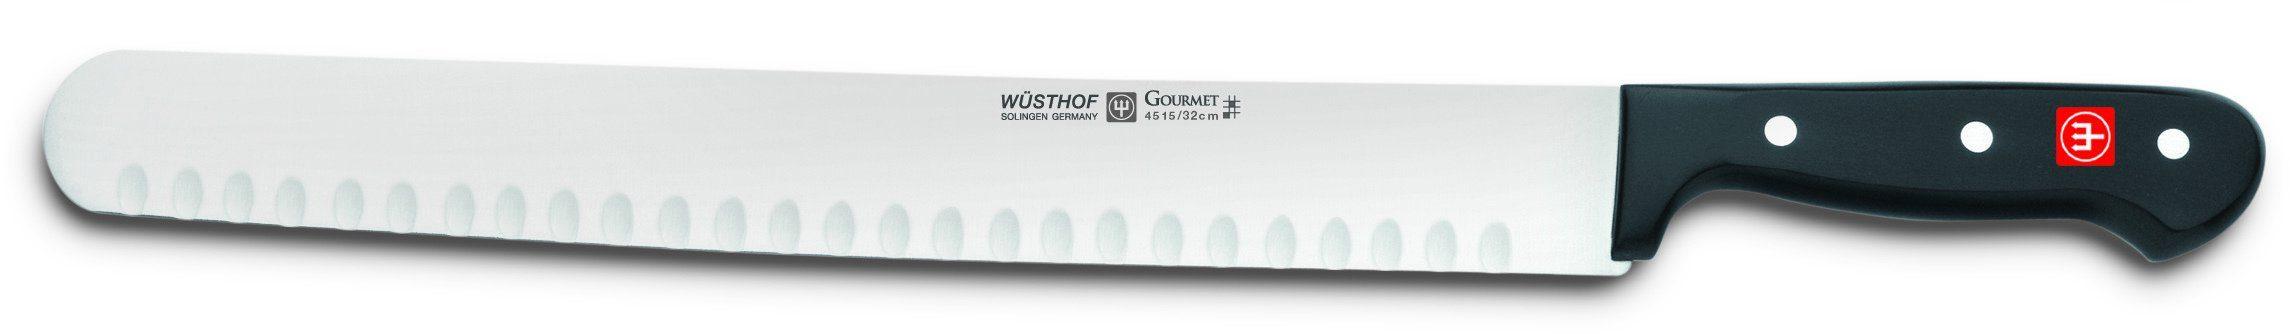 Wüsthof Schinkenmesser »Gourmet«